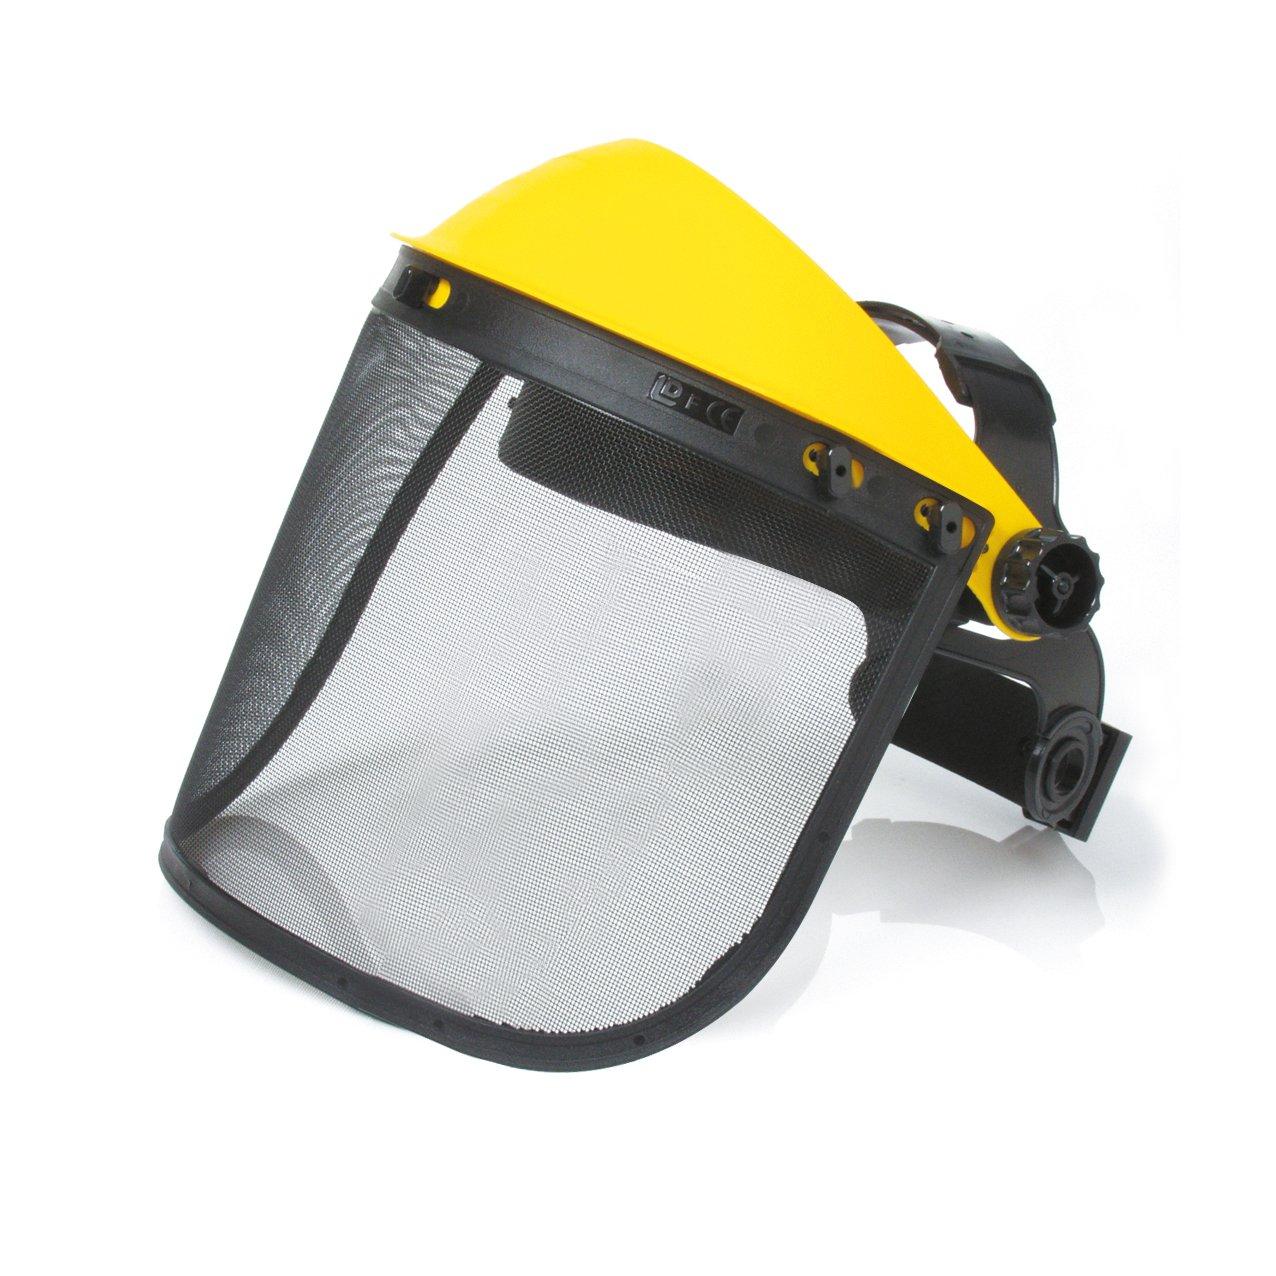 Safetop 79500 - Protector facial facy metal. c/visor malla acero ...